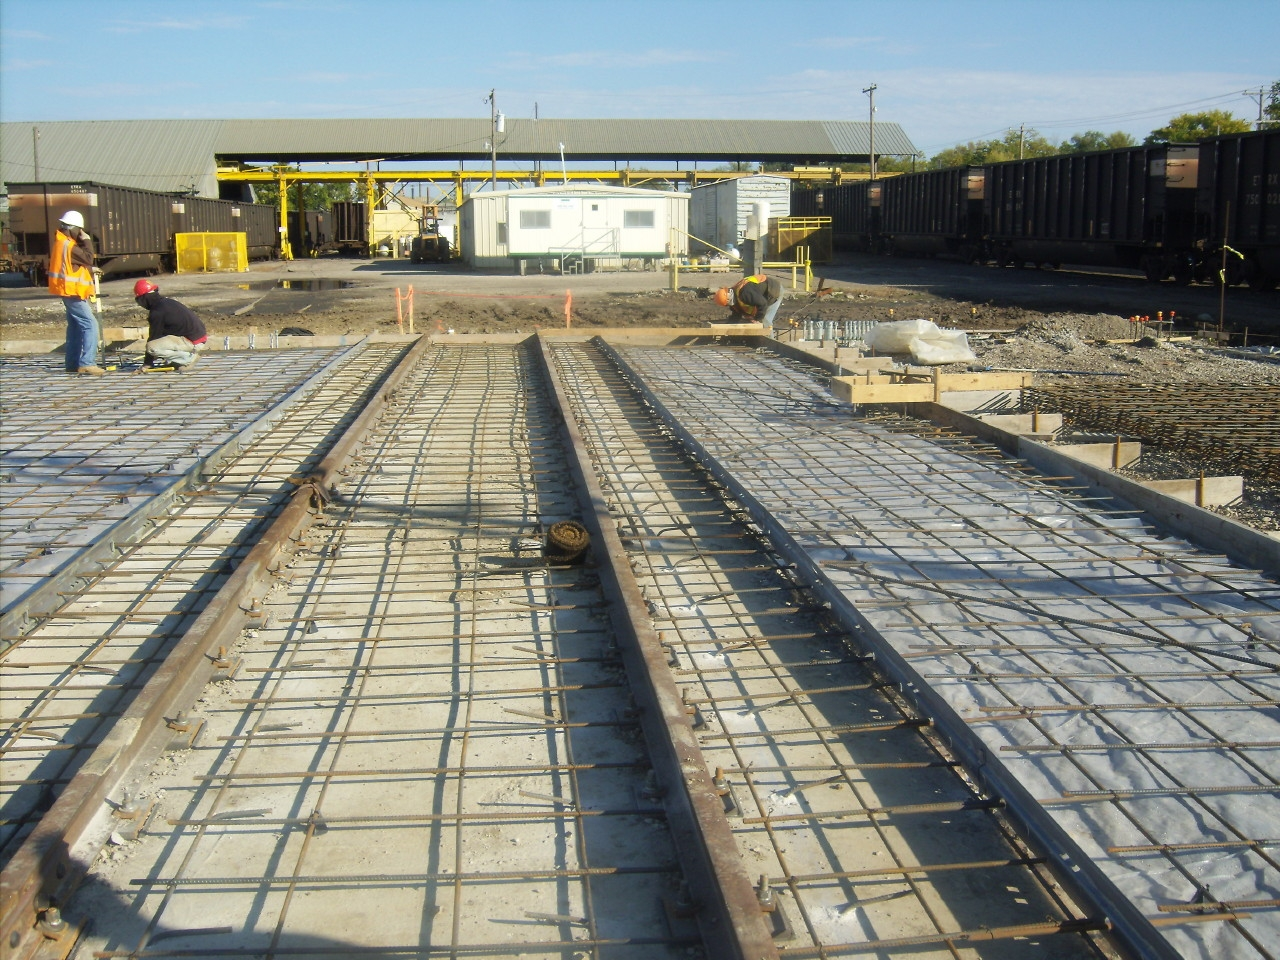 Dallas Aeronautical Industrial Construction Foundation